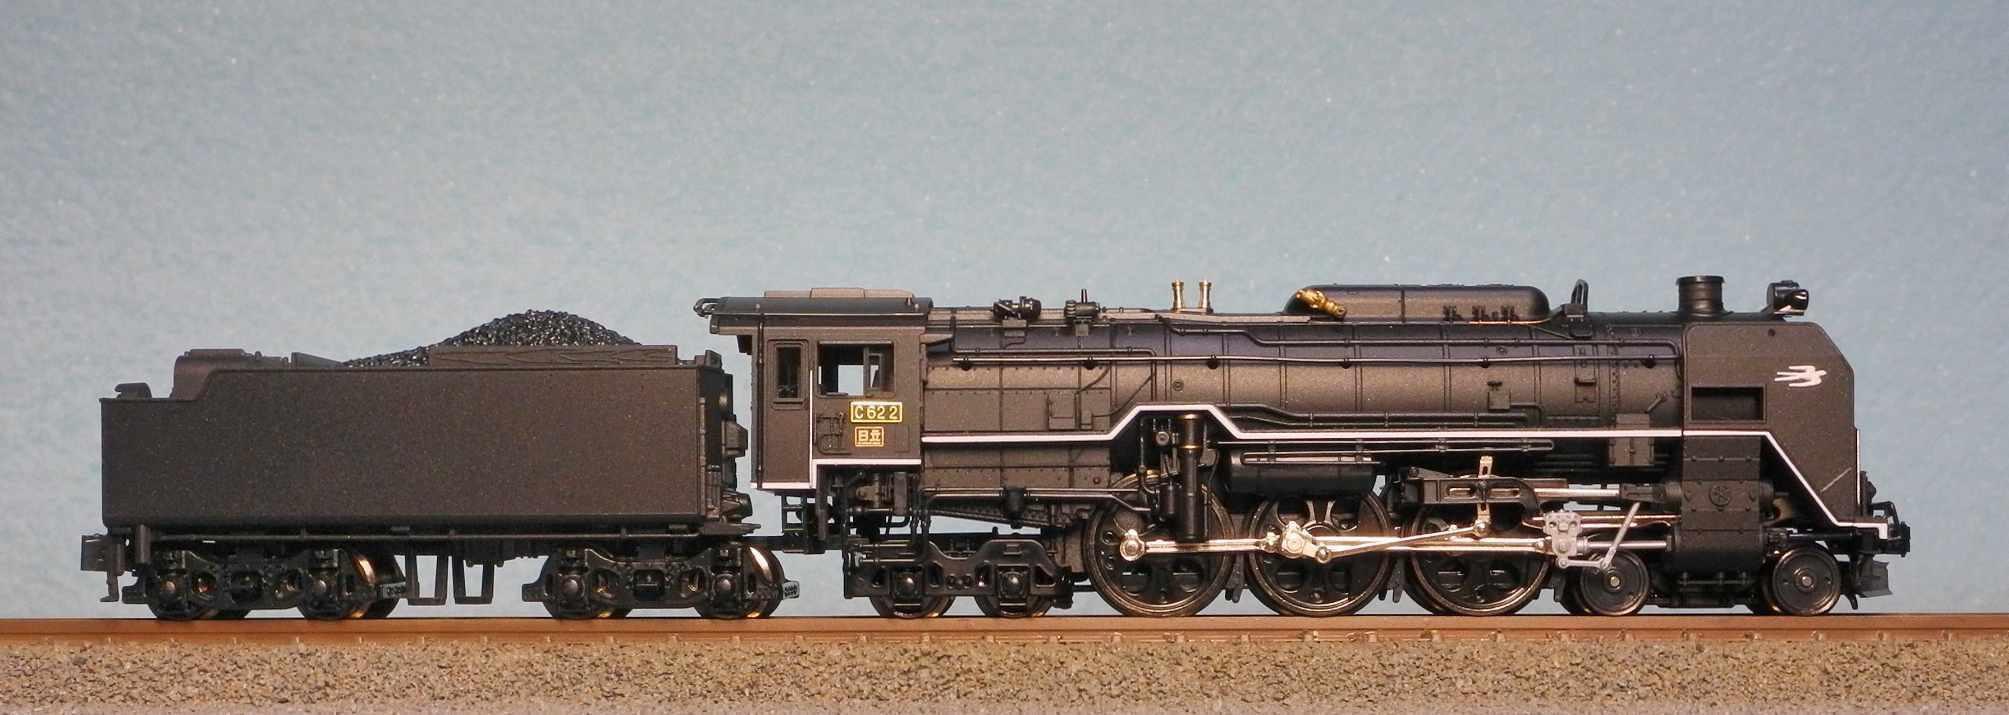 DSCN9087-1.jpg